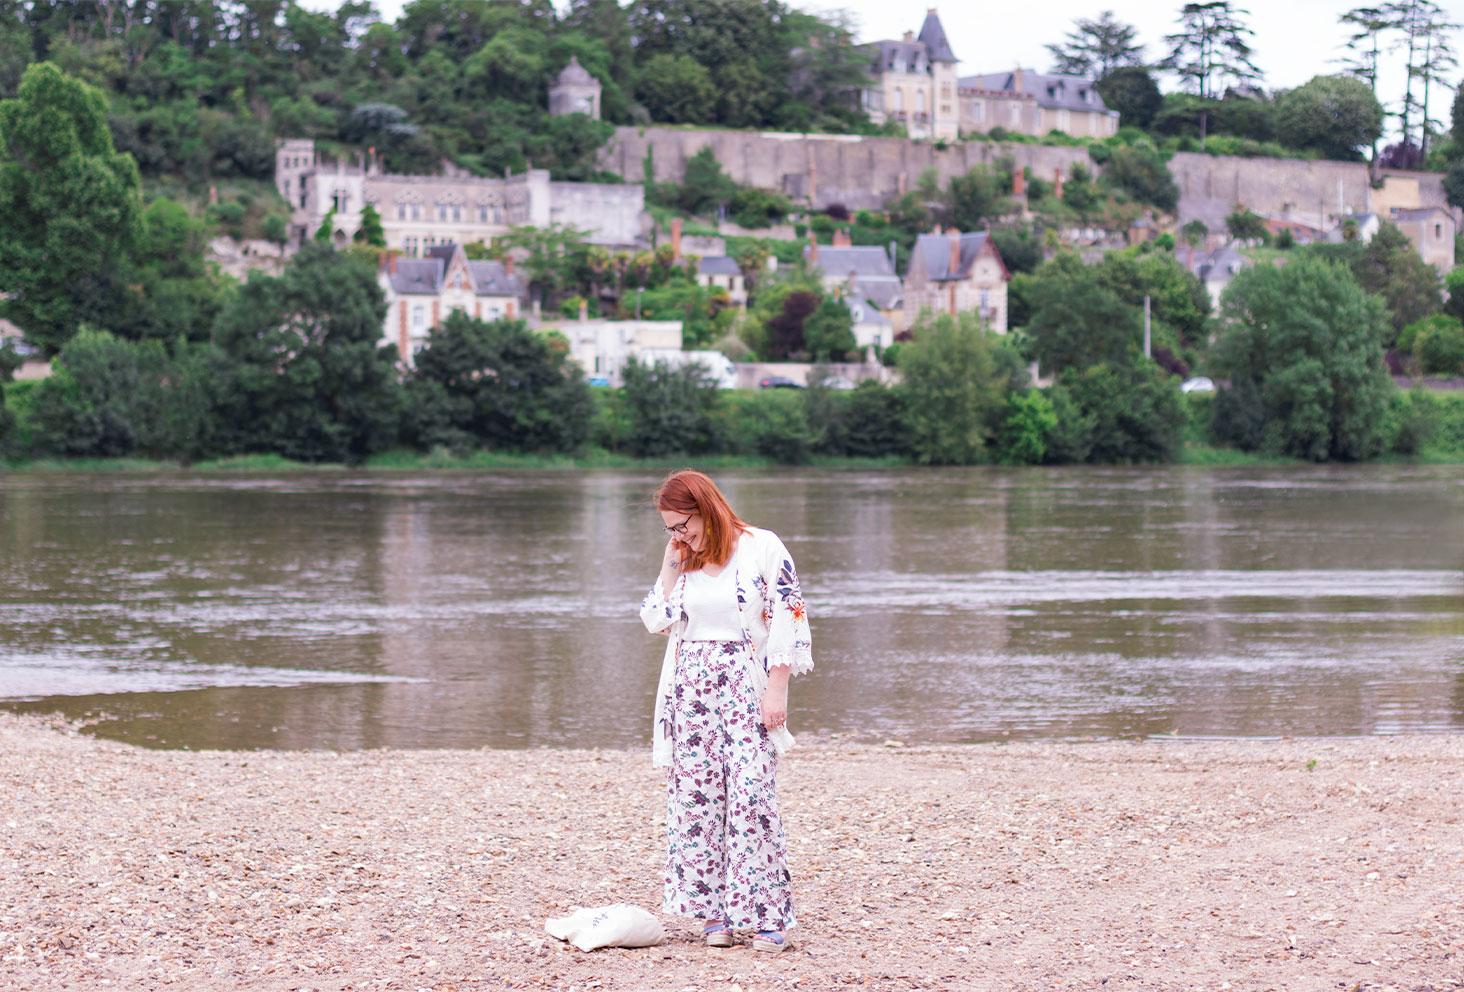 Look sur la plage des bords de Loire avec le paysage des maisons troglodytes et des châteaux en arrière plan